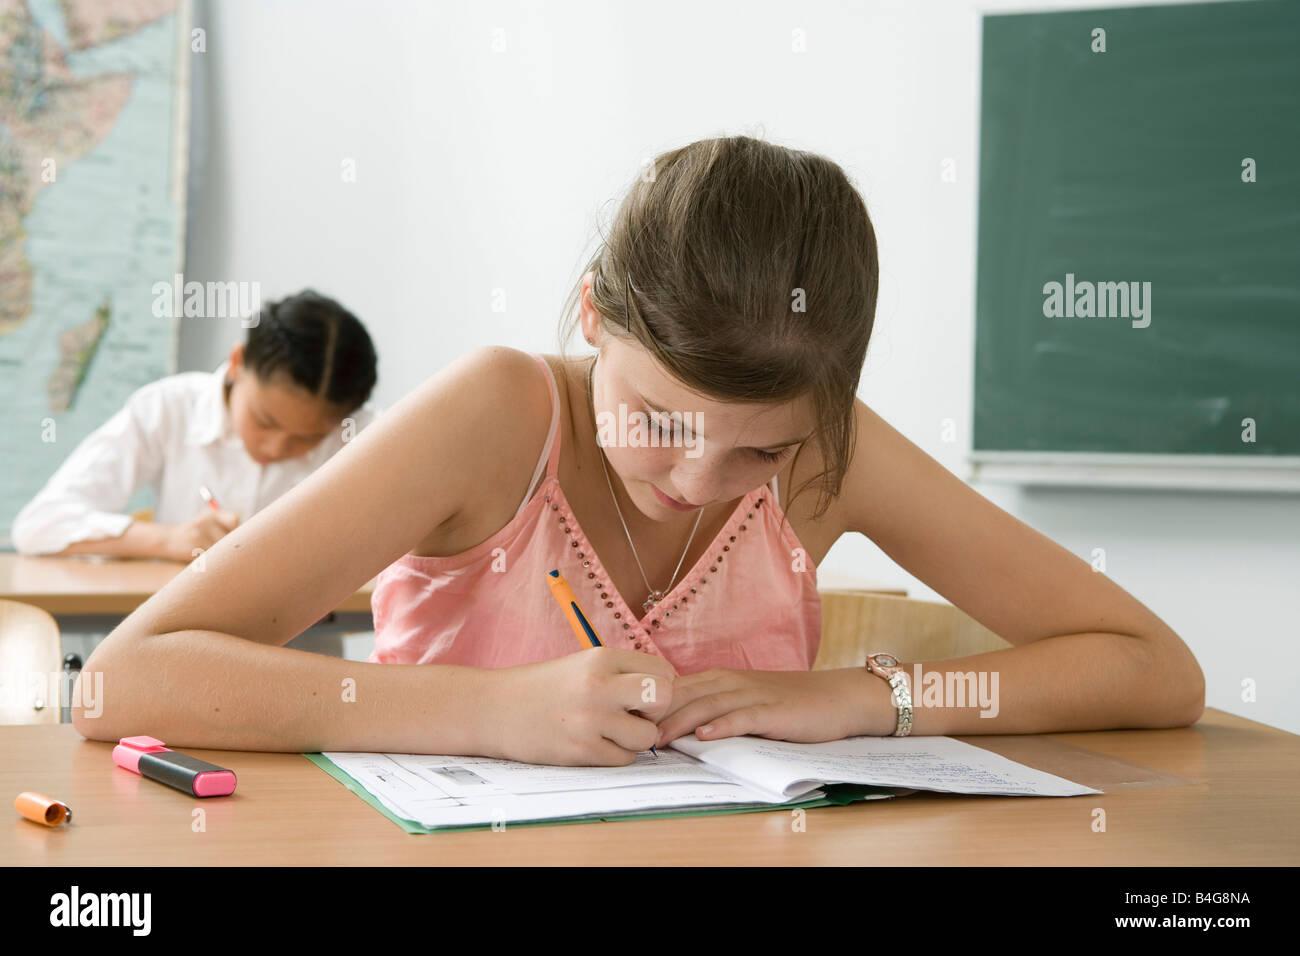 Une pré-adolescente qui étudient dans une classe Photo Stock